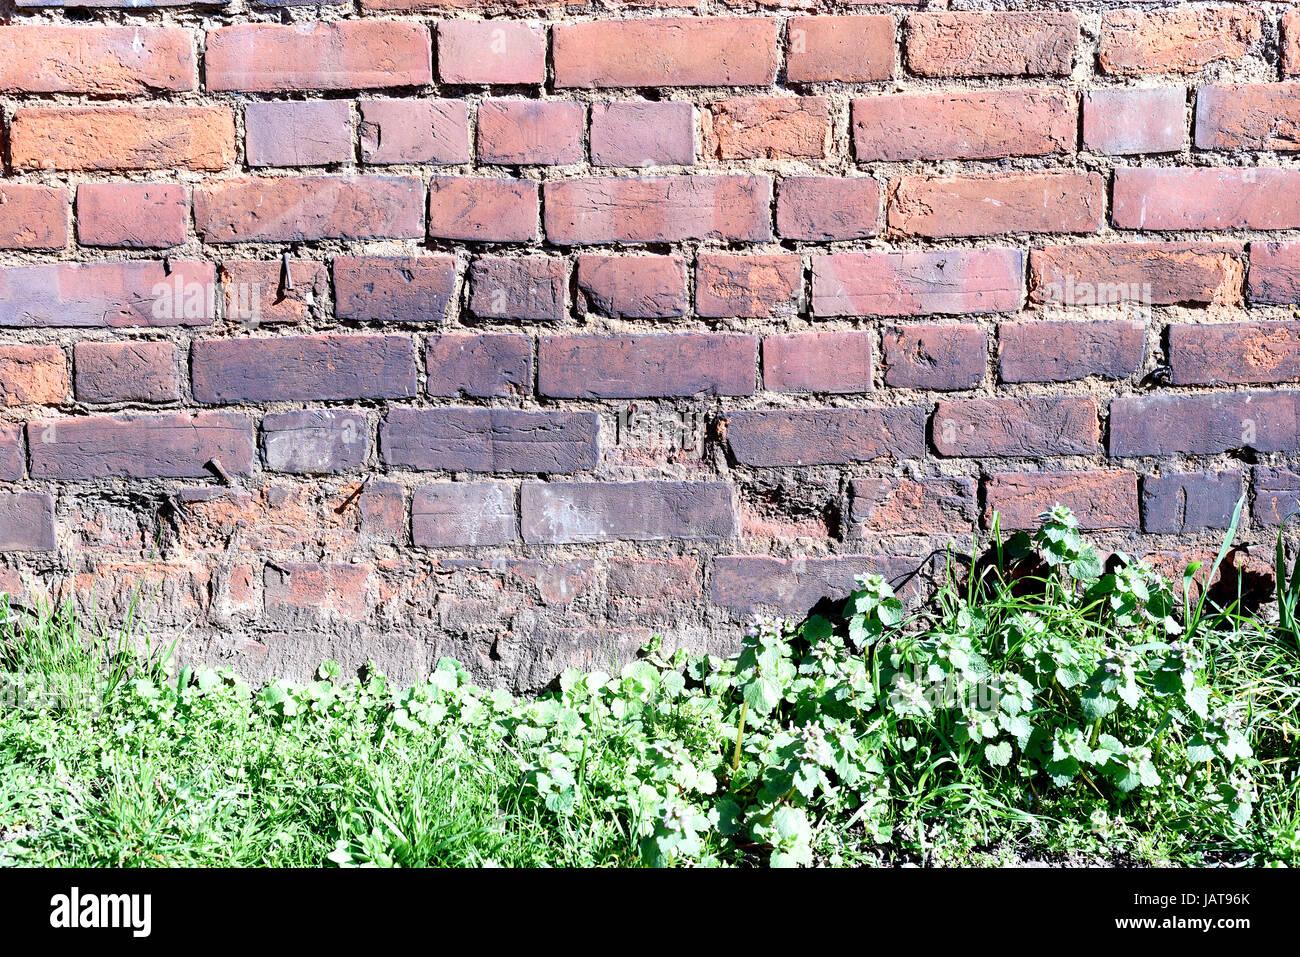 Alten Bröckelnden Mauer Mit Einer Reihe Von Unkraut Und Rasen Wachsen An  Der Unterseite